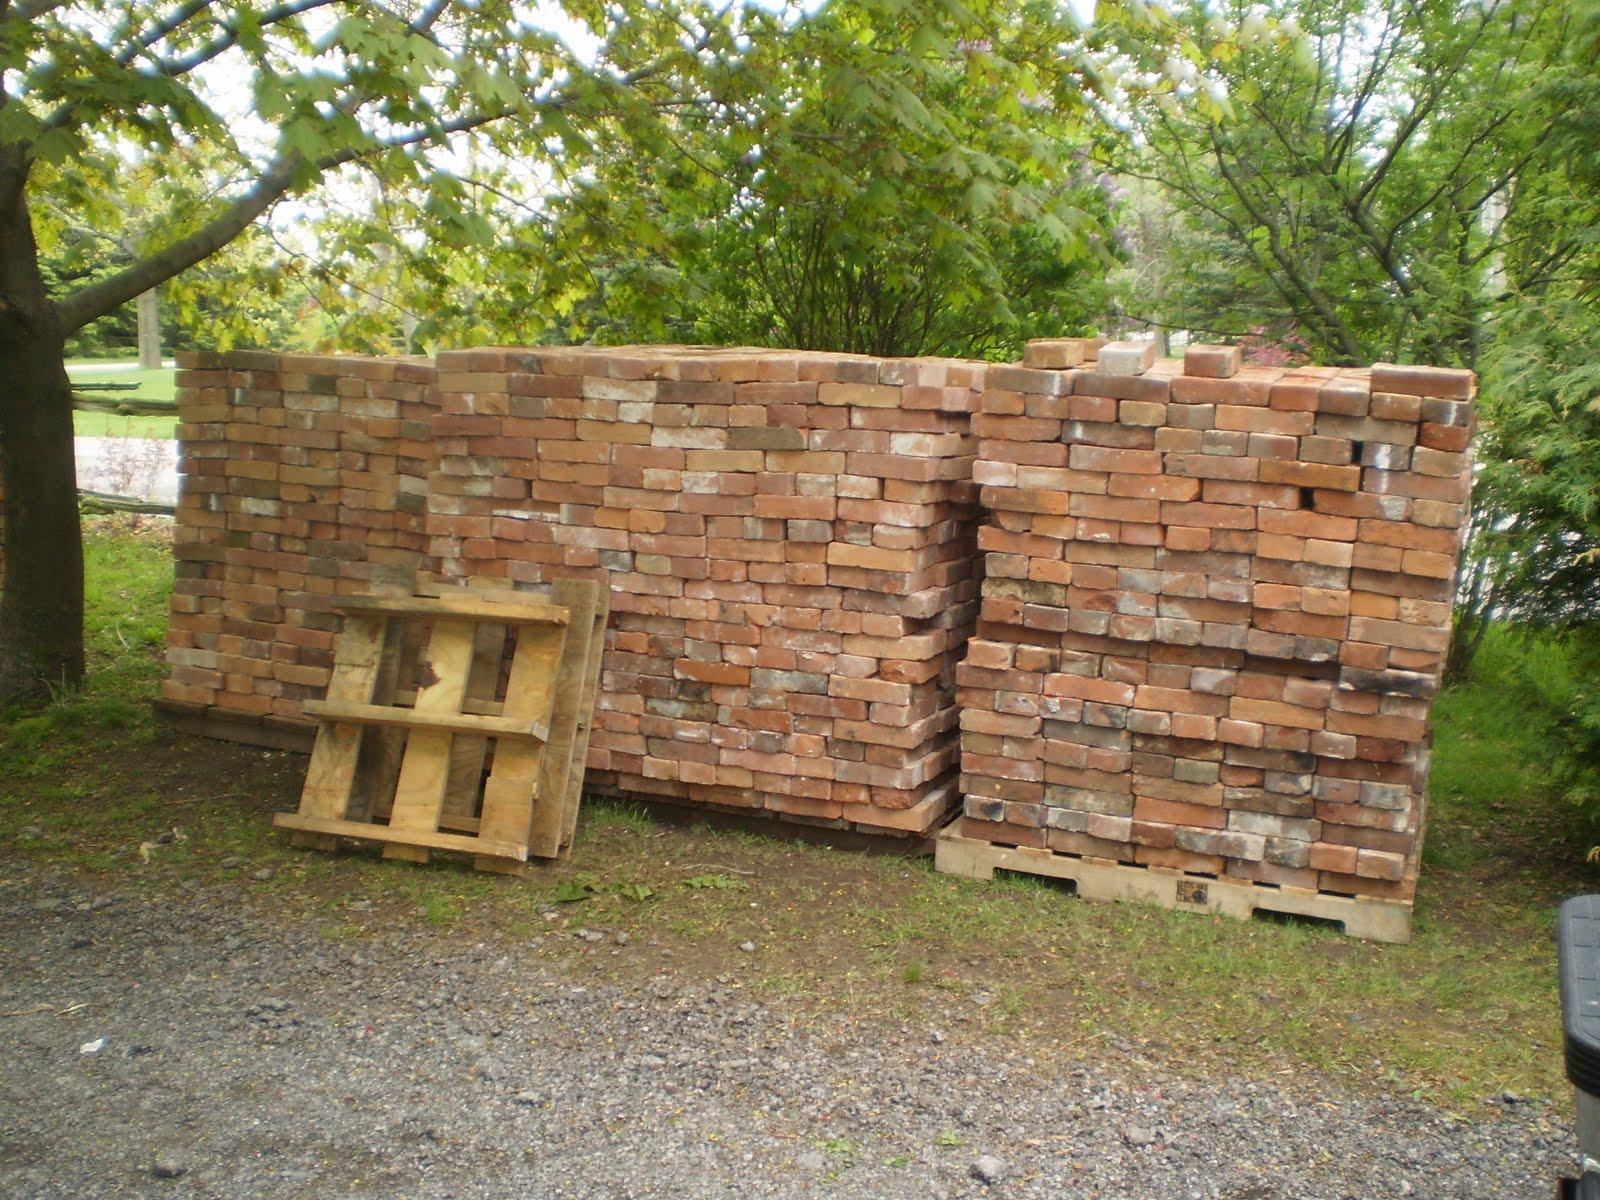 wallpaper Brick Wallpaper Home Depot Canada 1600x1200